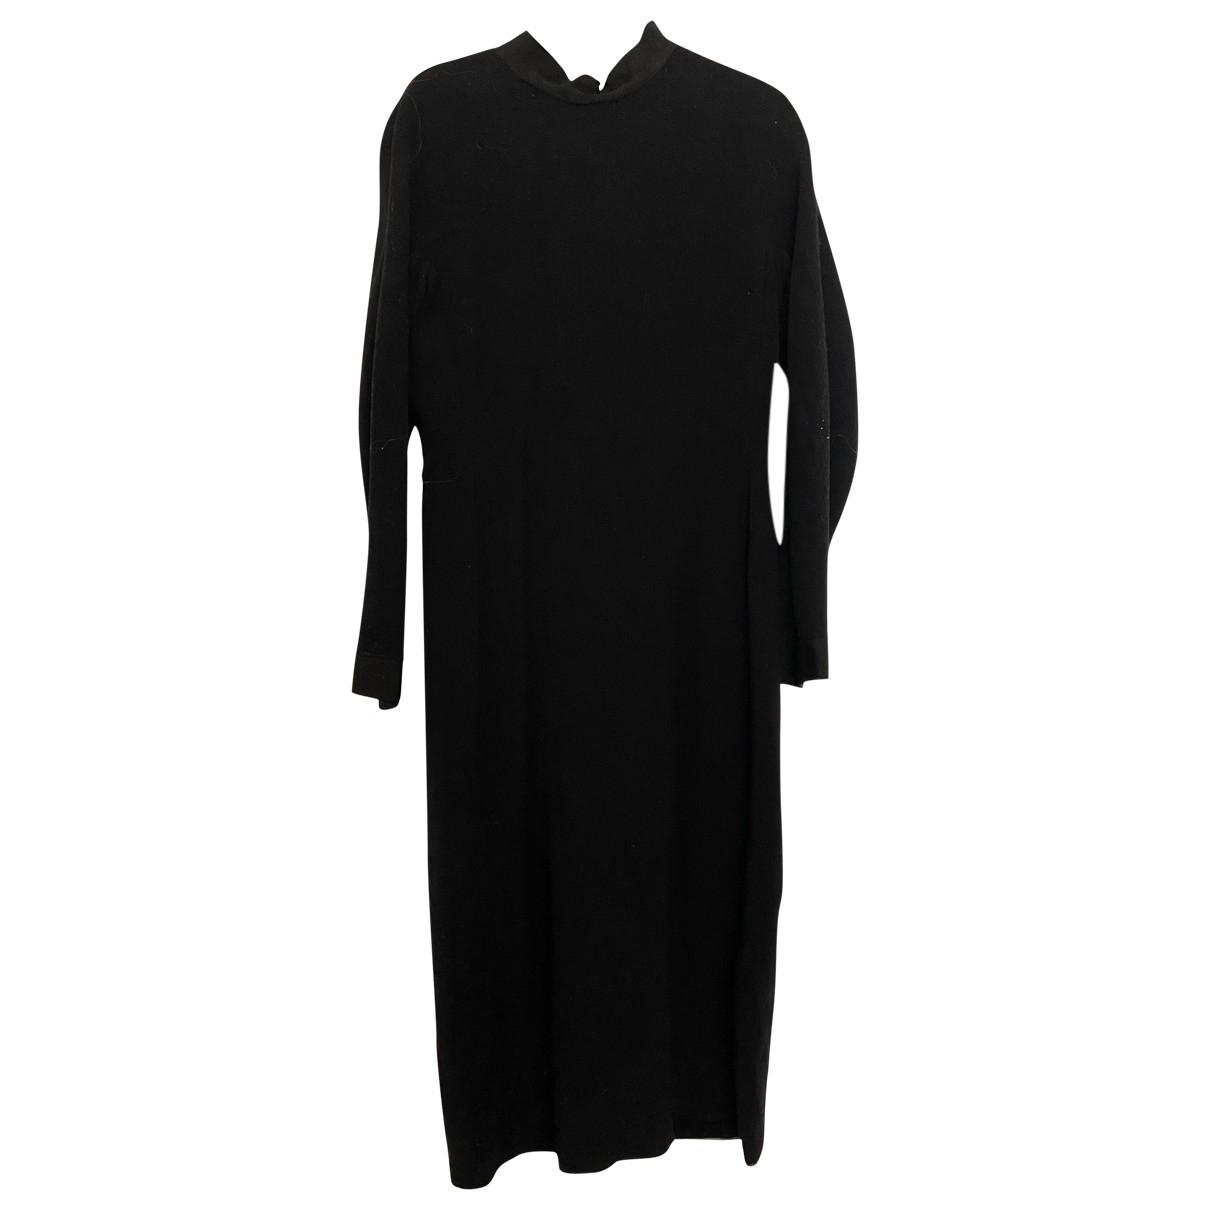 Lanvin \N Kleid in  Schwarz Wolle